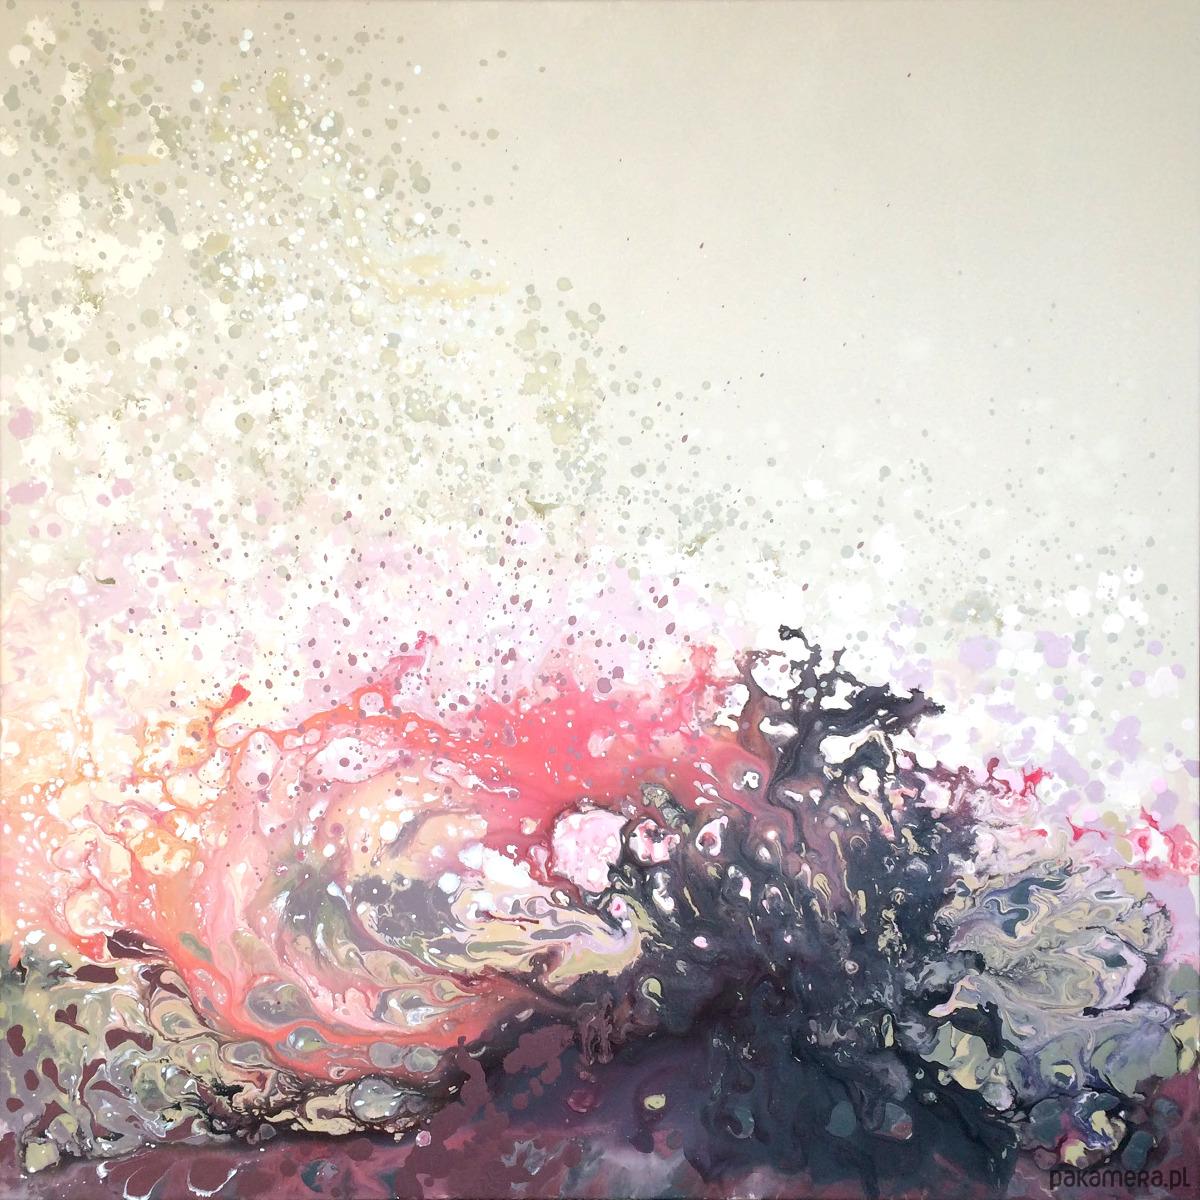 Płótno 100x100cm Obraz Farbami Akrylowymi Malarstwo Pakamerapl